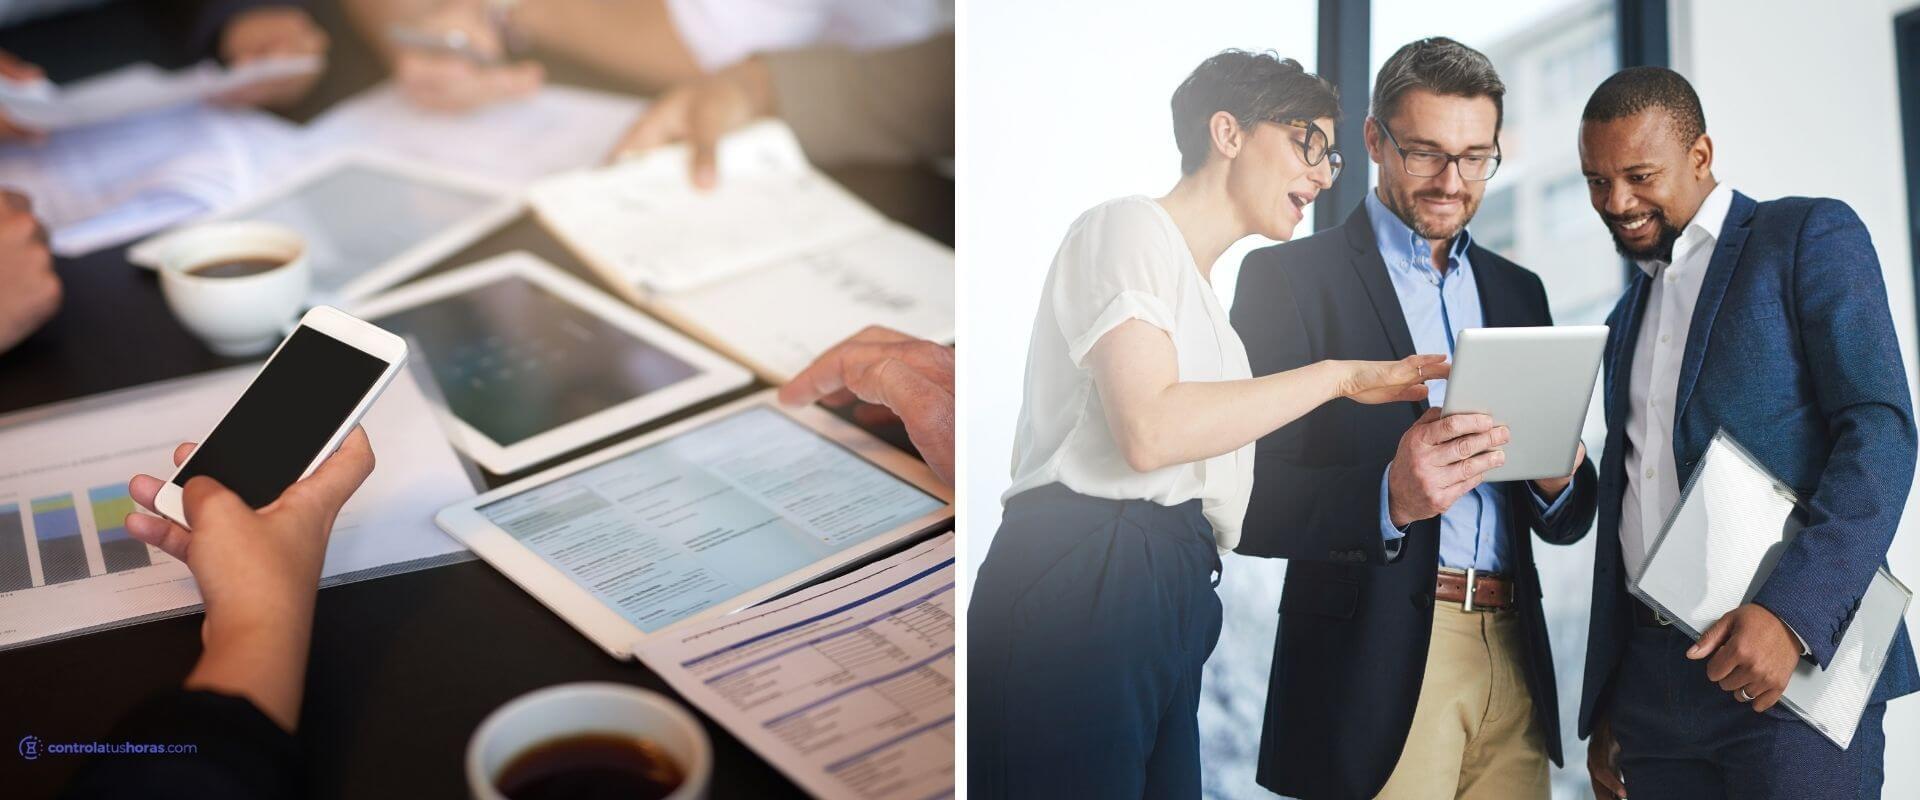 Qué es la digitalización empresarial y qué beneficios tiene